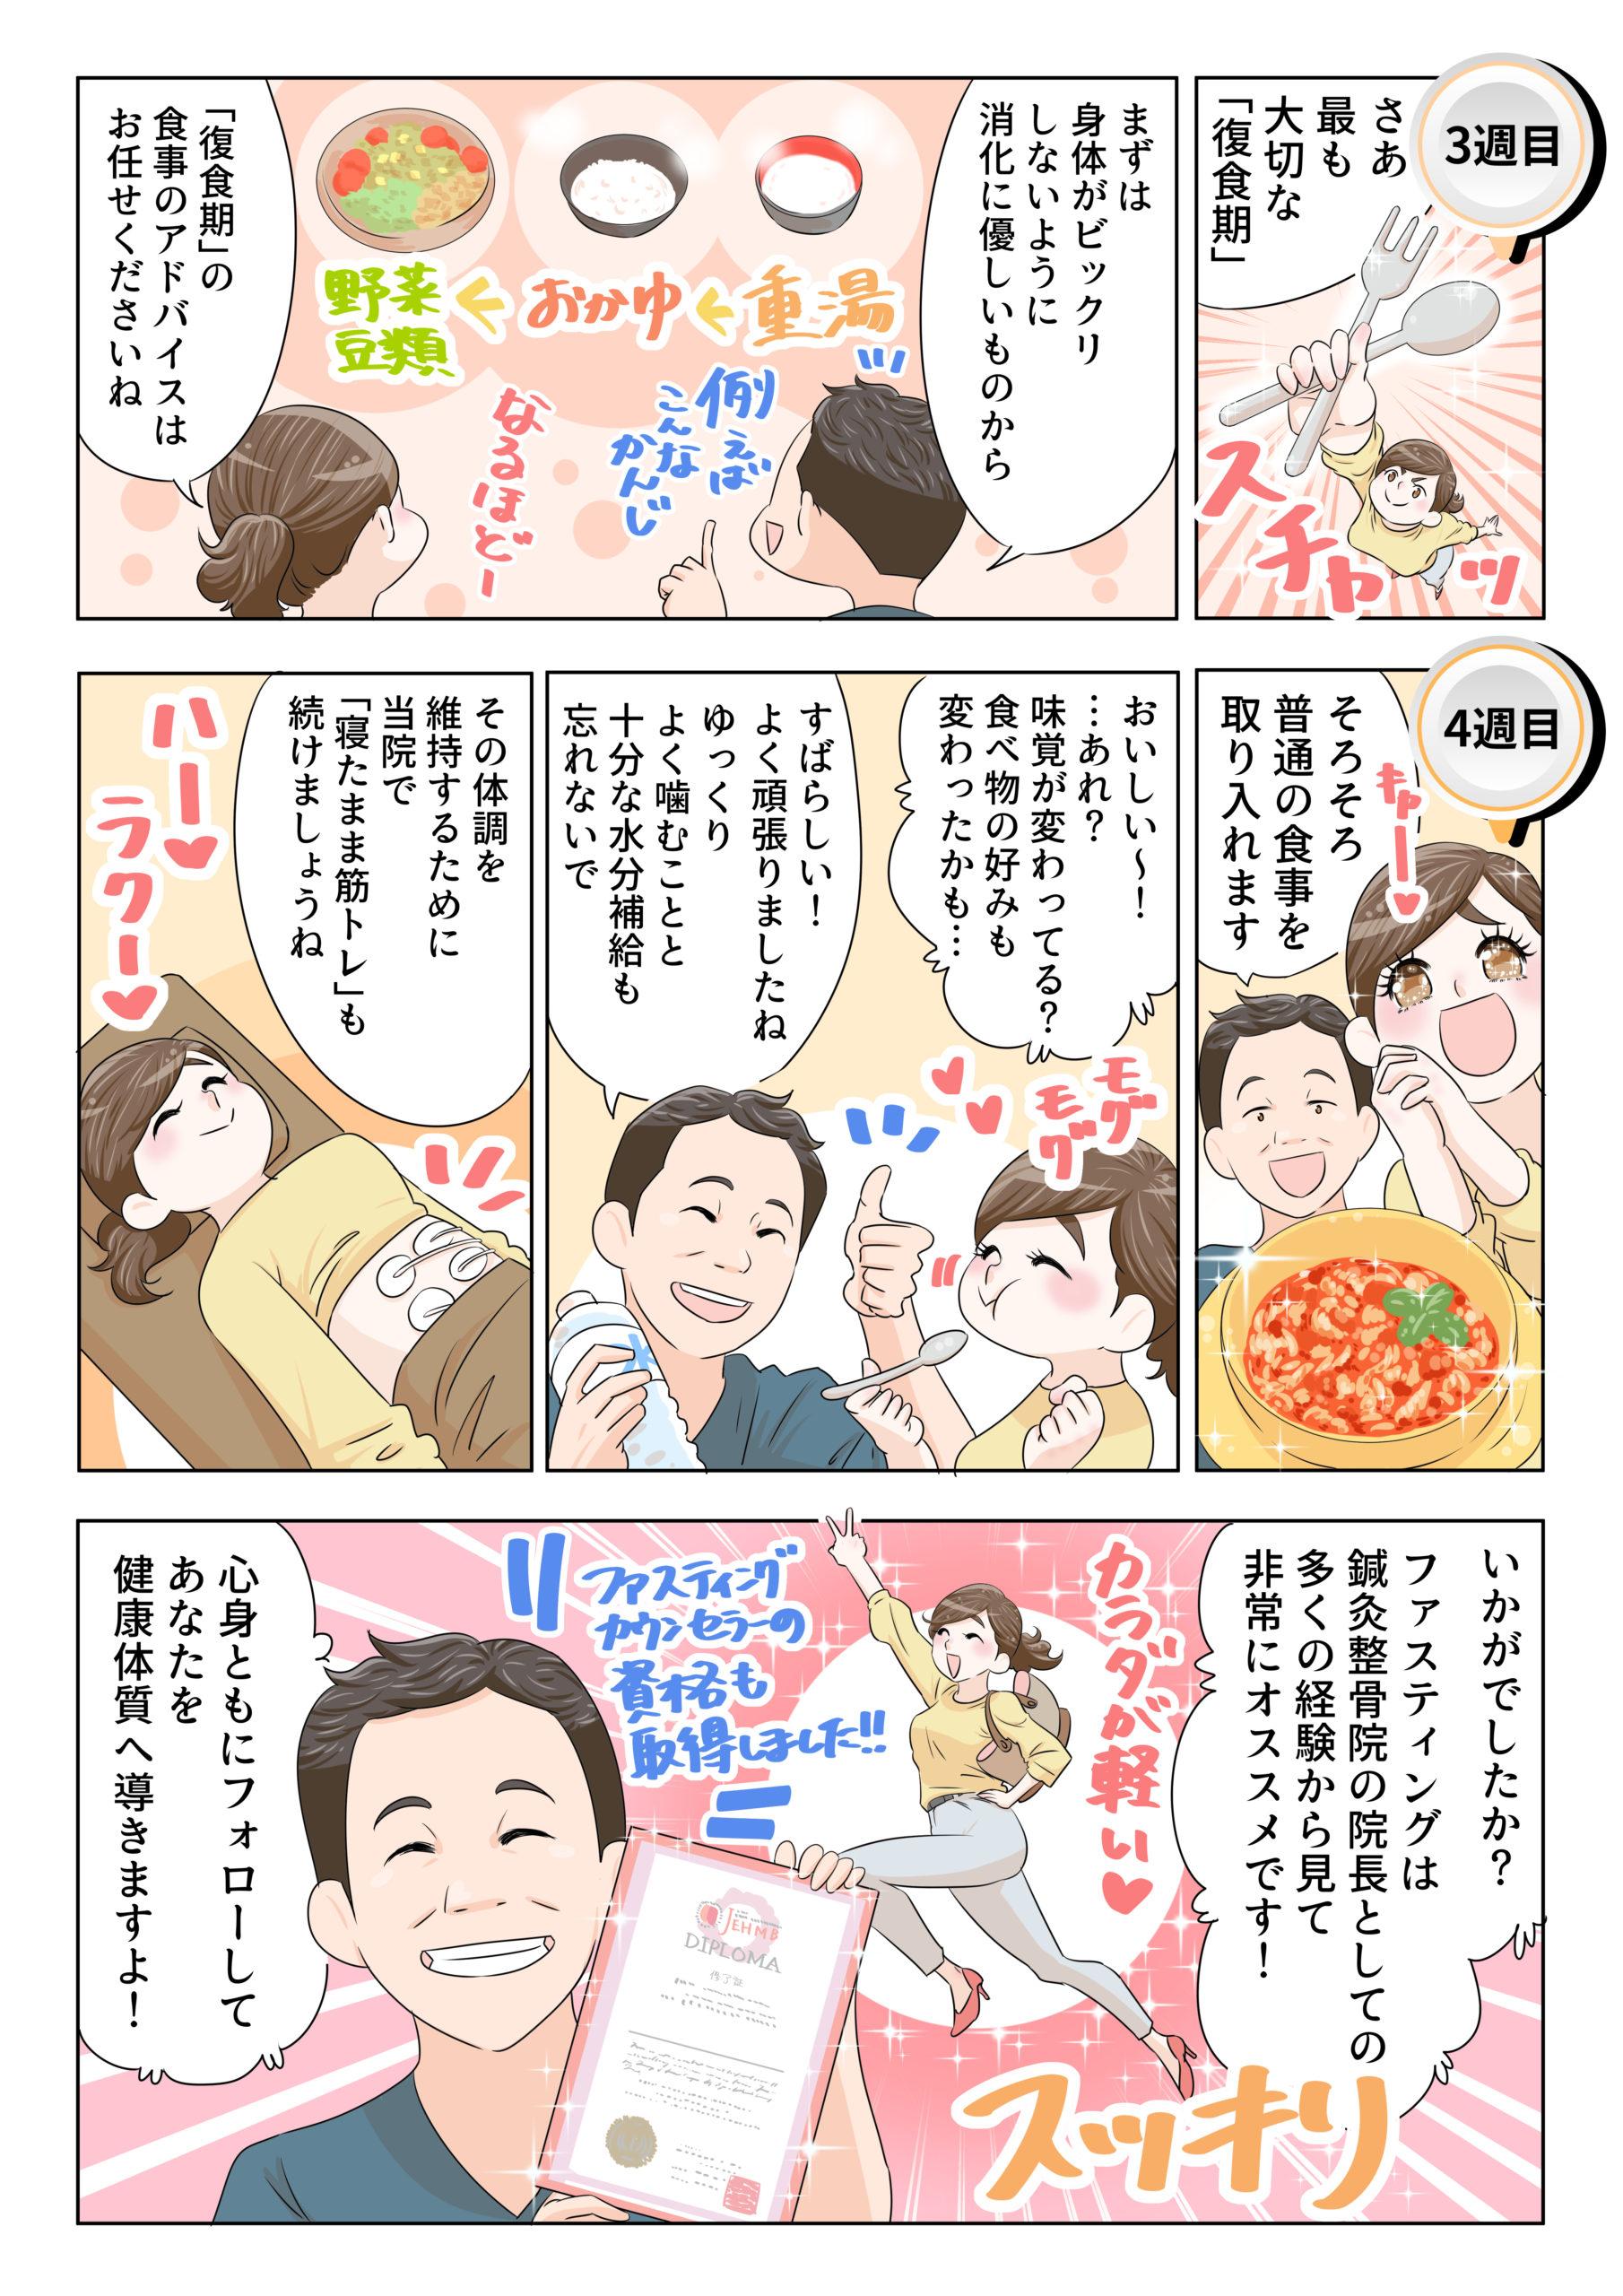 ダイエット漫画